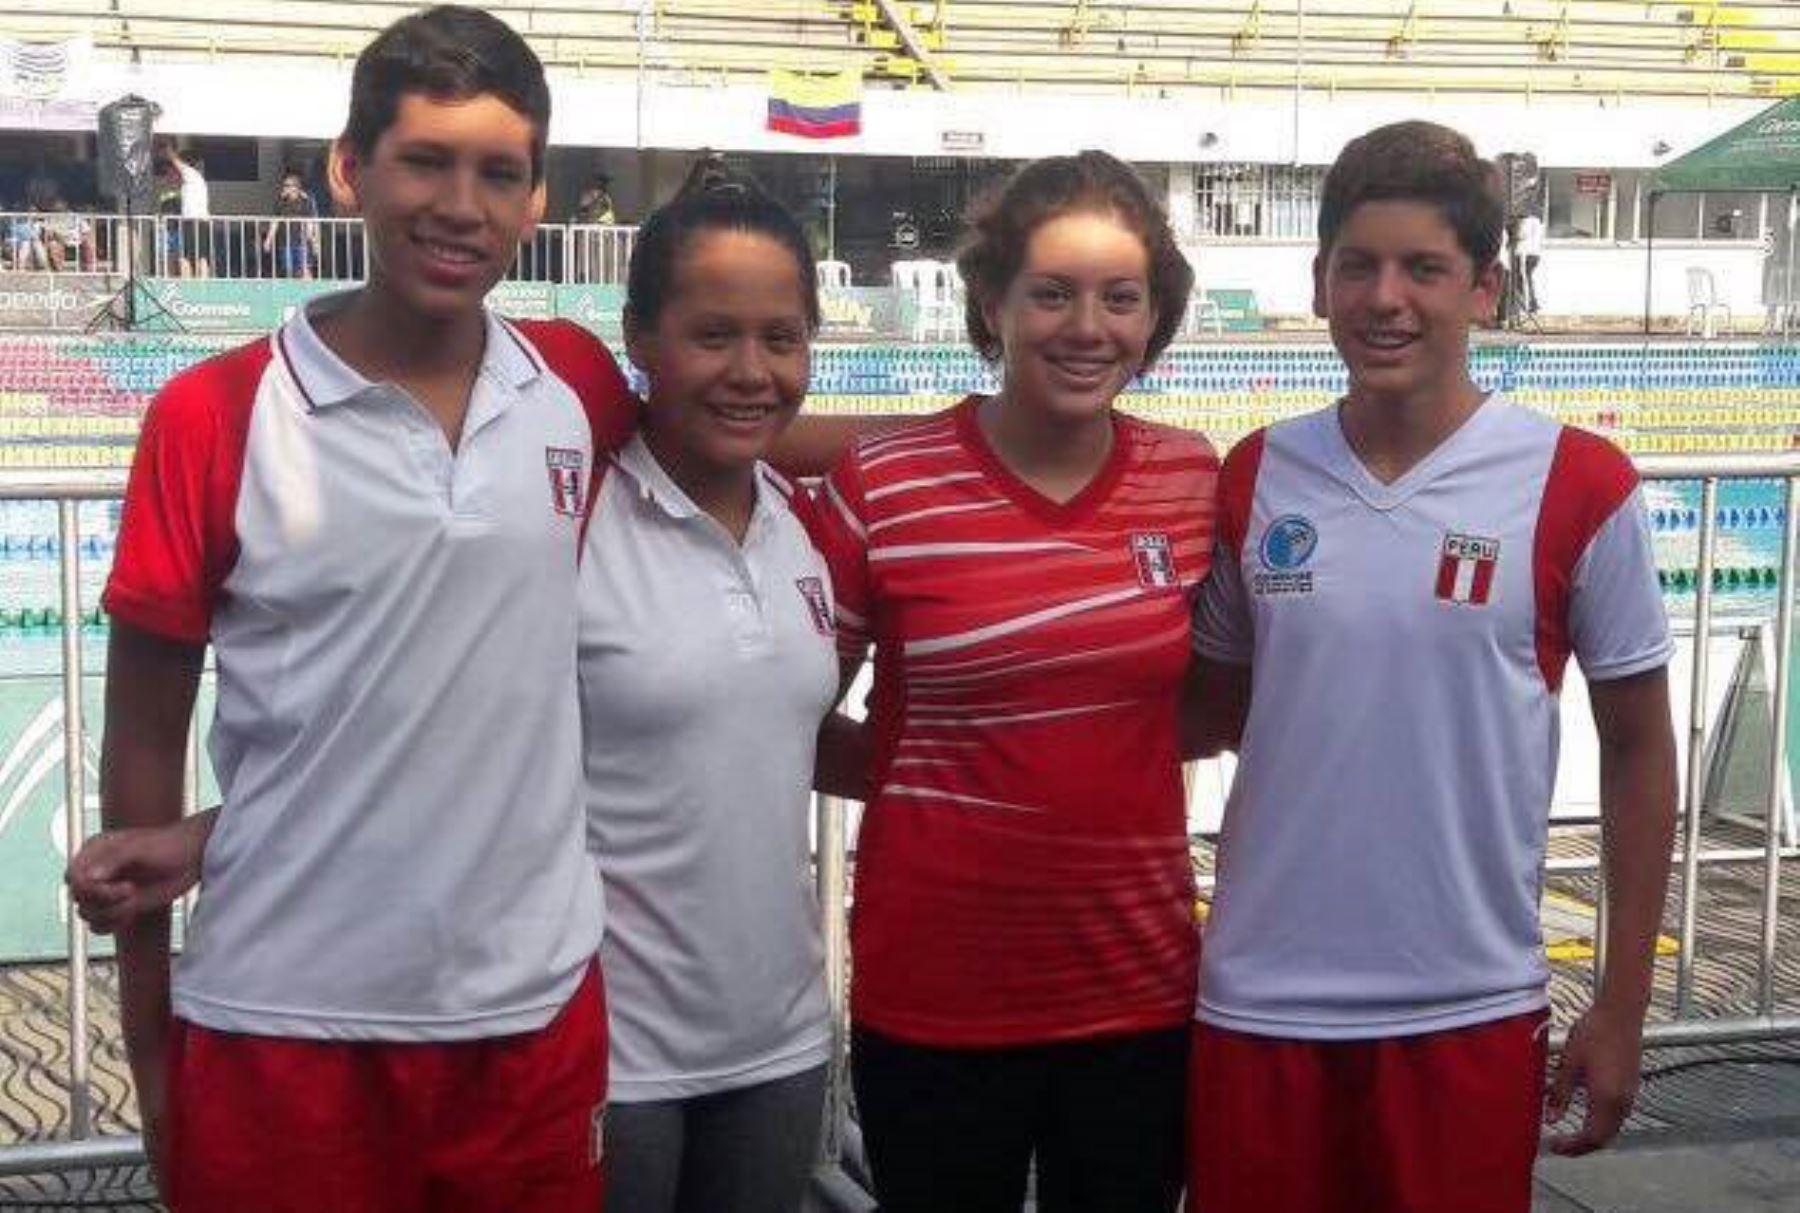 Equipo nacional regresa cargado de medallas